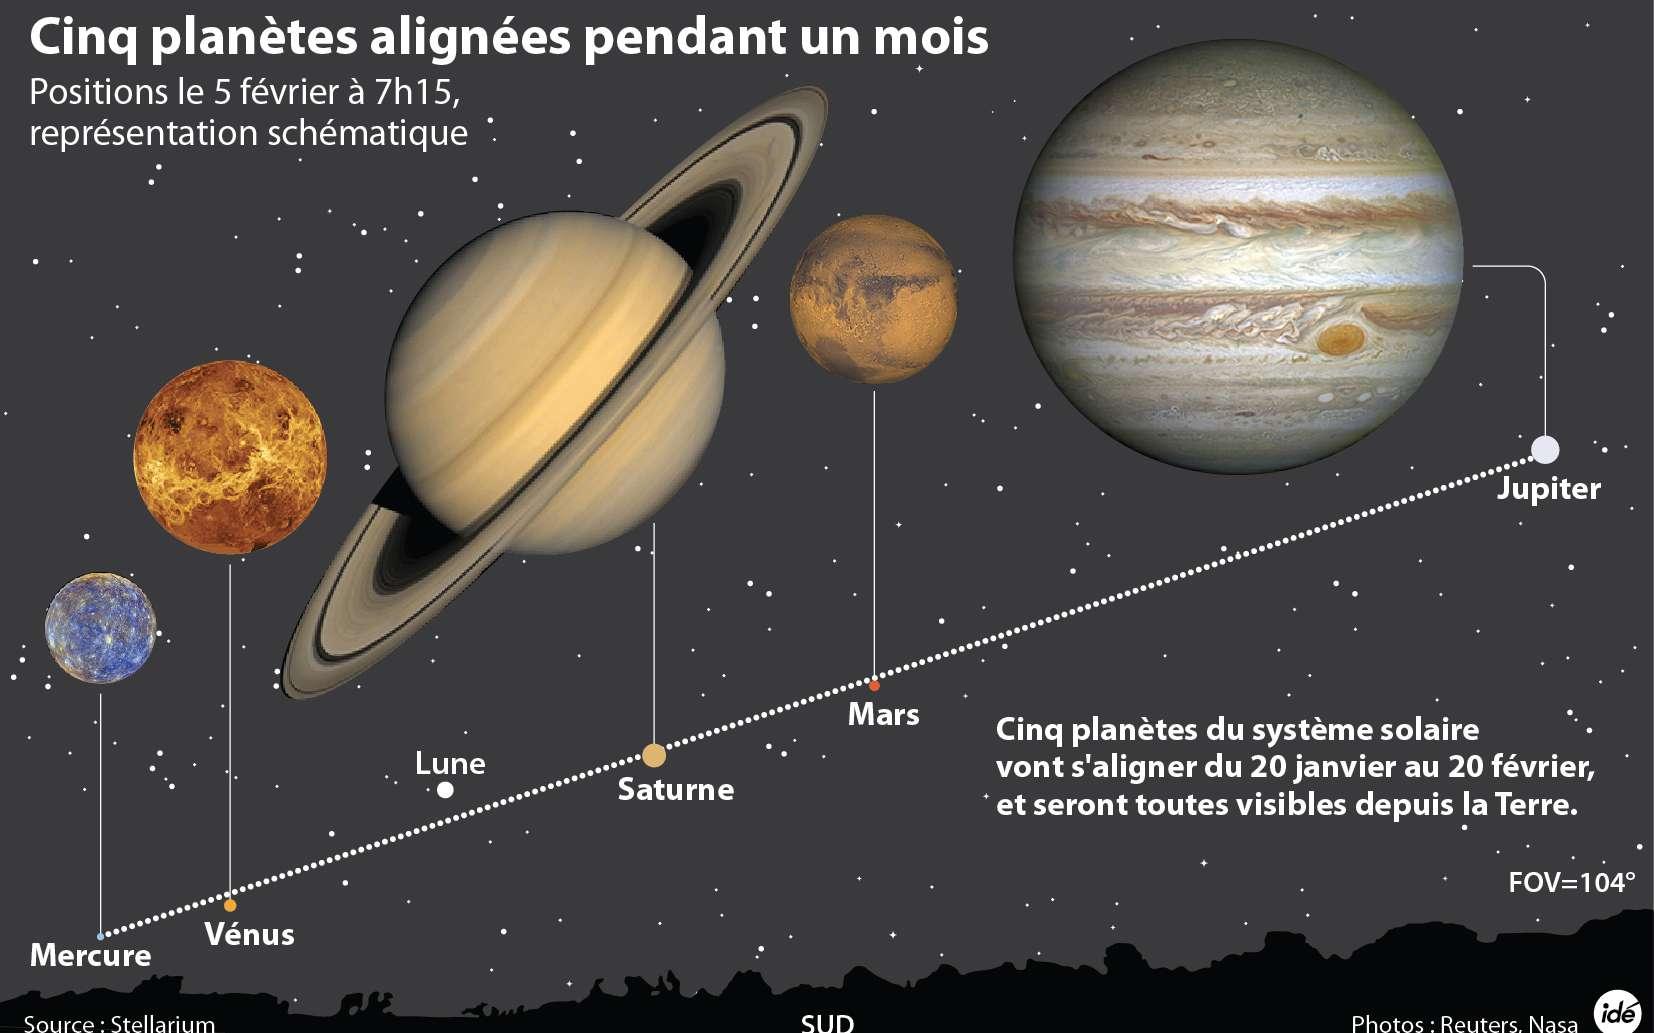 Cinq planètes regroupées en un alignement dans le ciel : c'est l'attraction de février pour les lève-tôt. © Idé